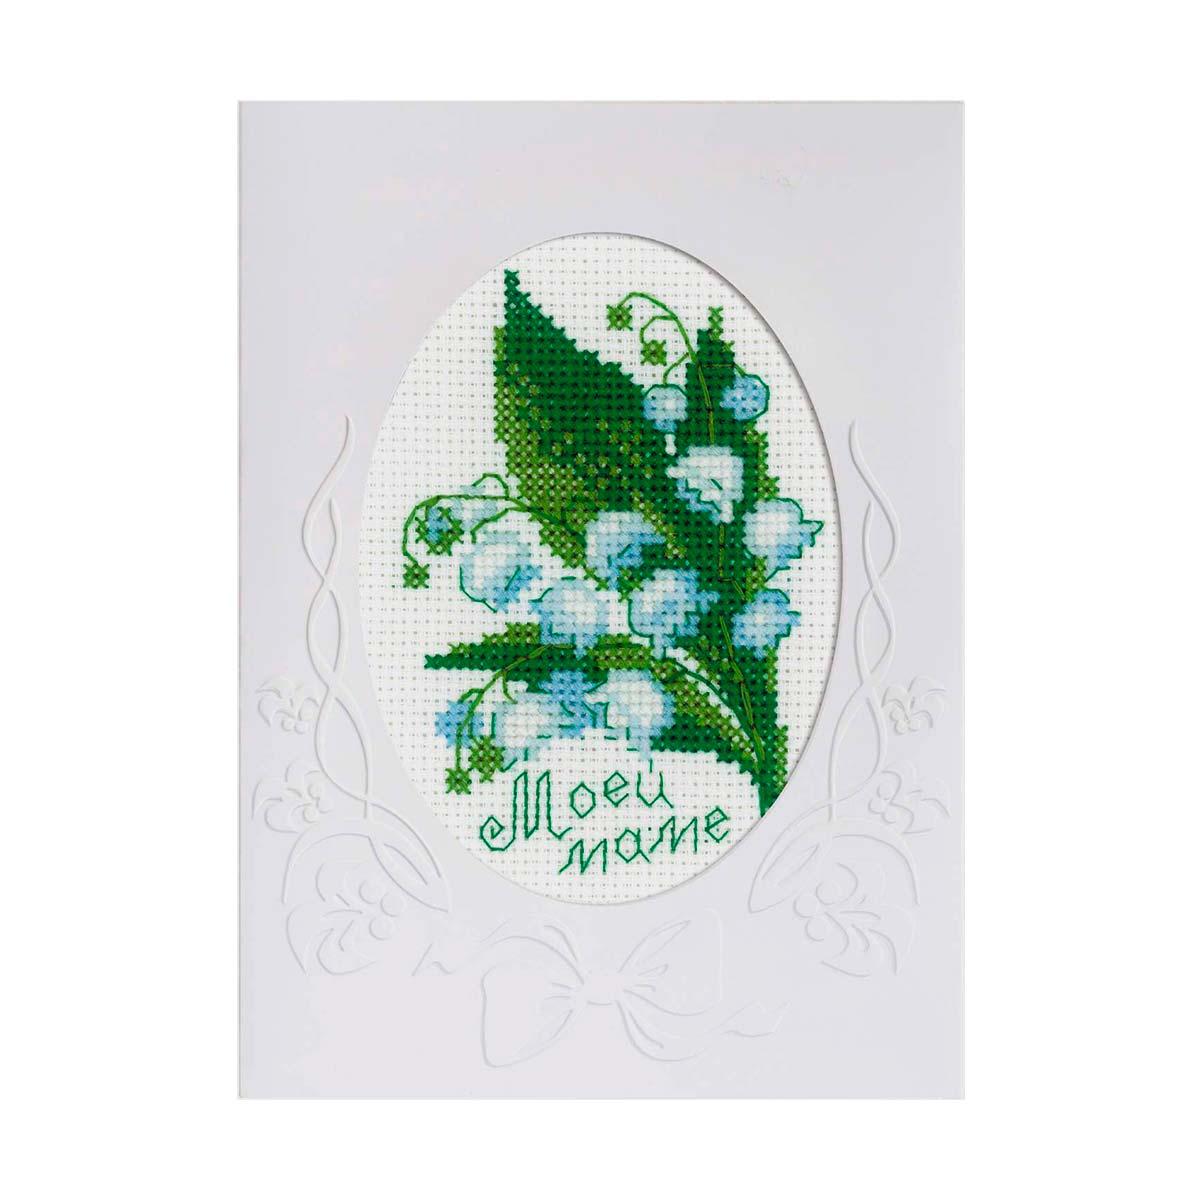 1514АС Набор для вышивания Riolis 'Открытка 'Моей маме', 11,8*16,4 см